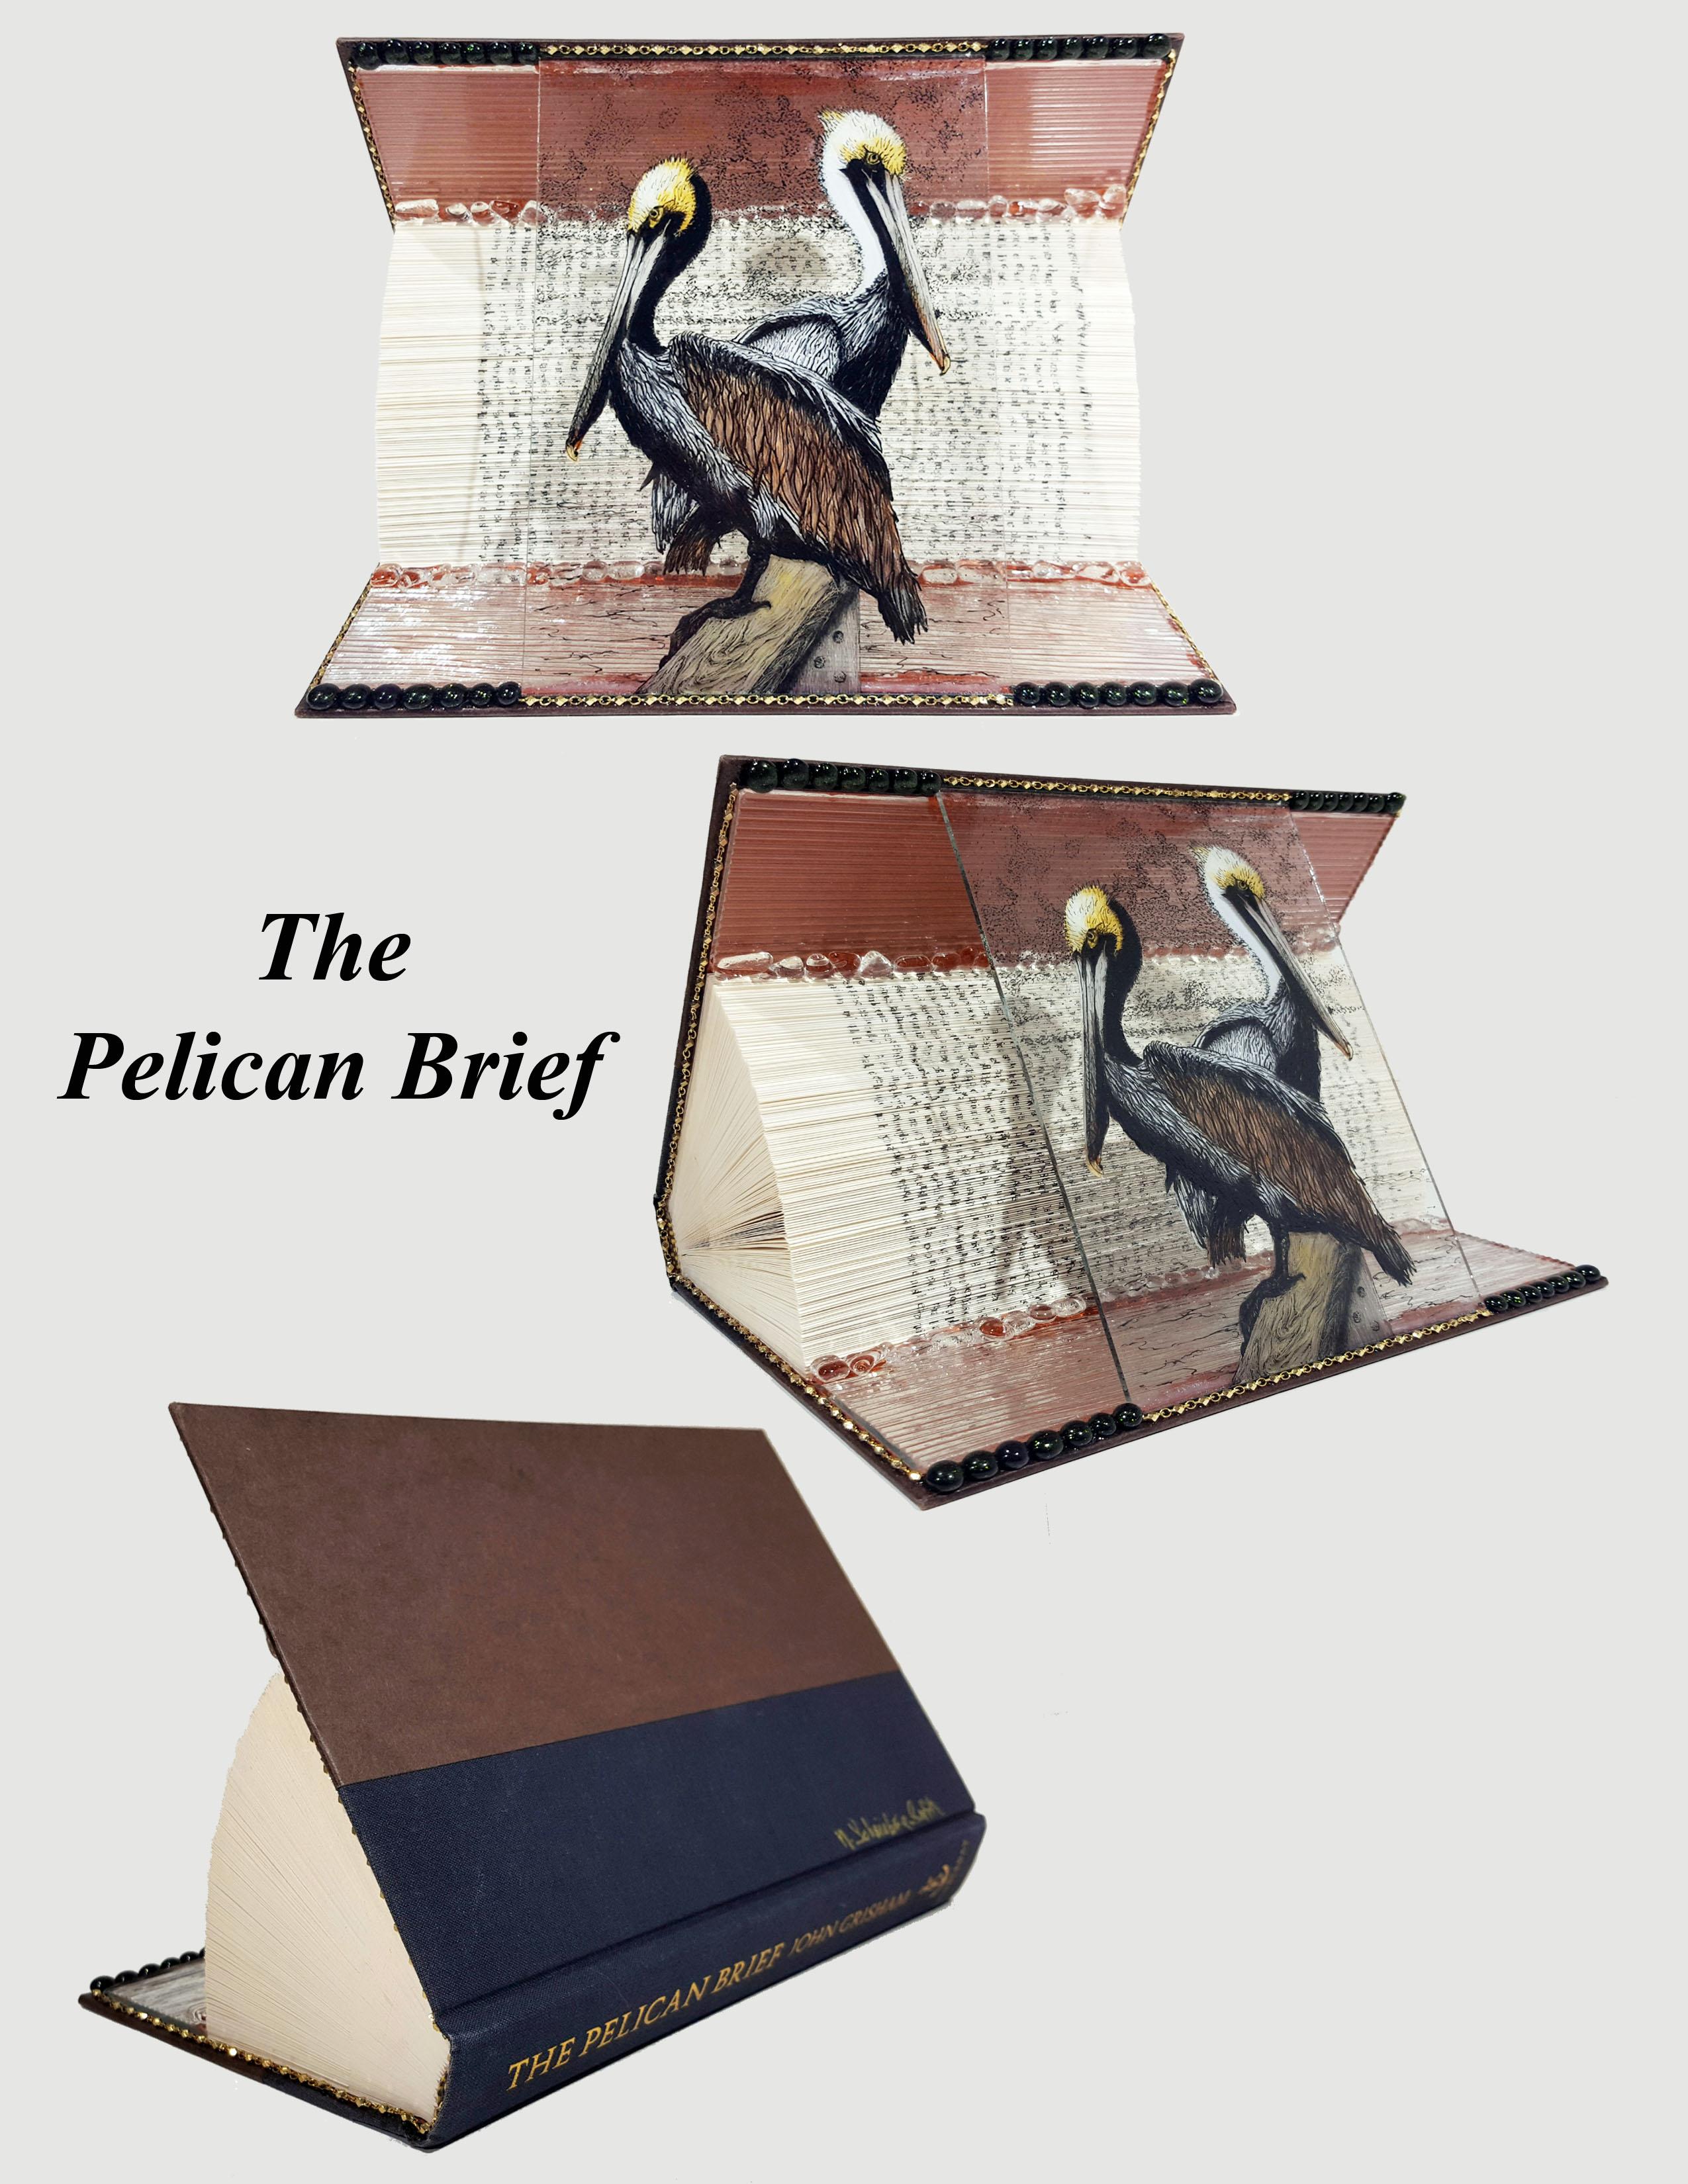 Animal Tales - Pelican Brief - 3 views